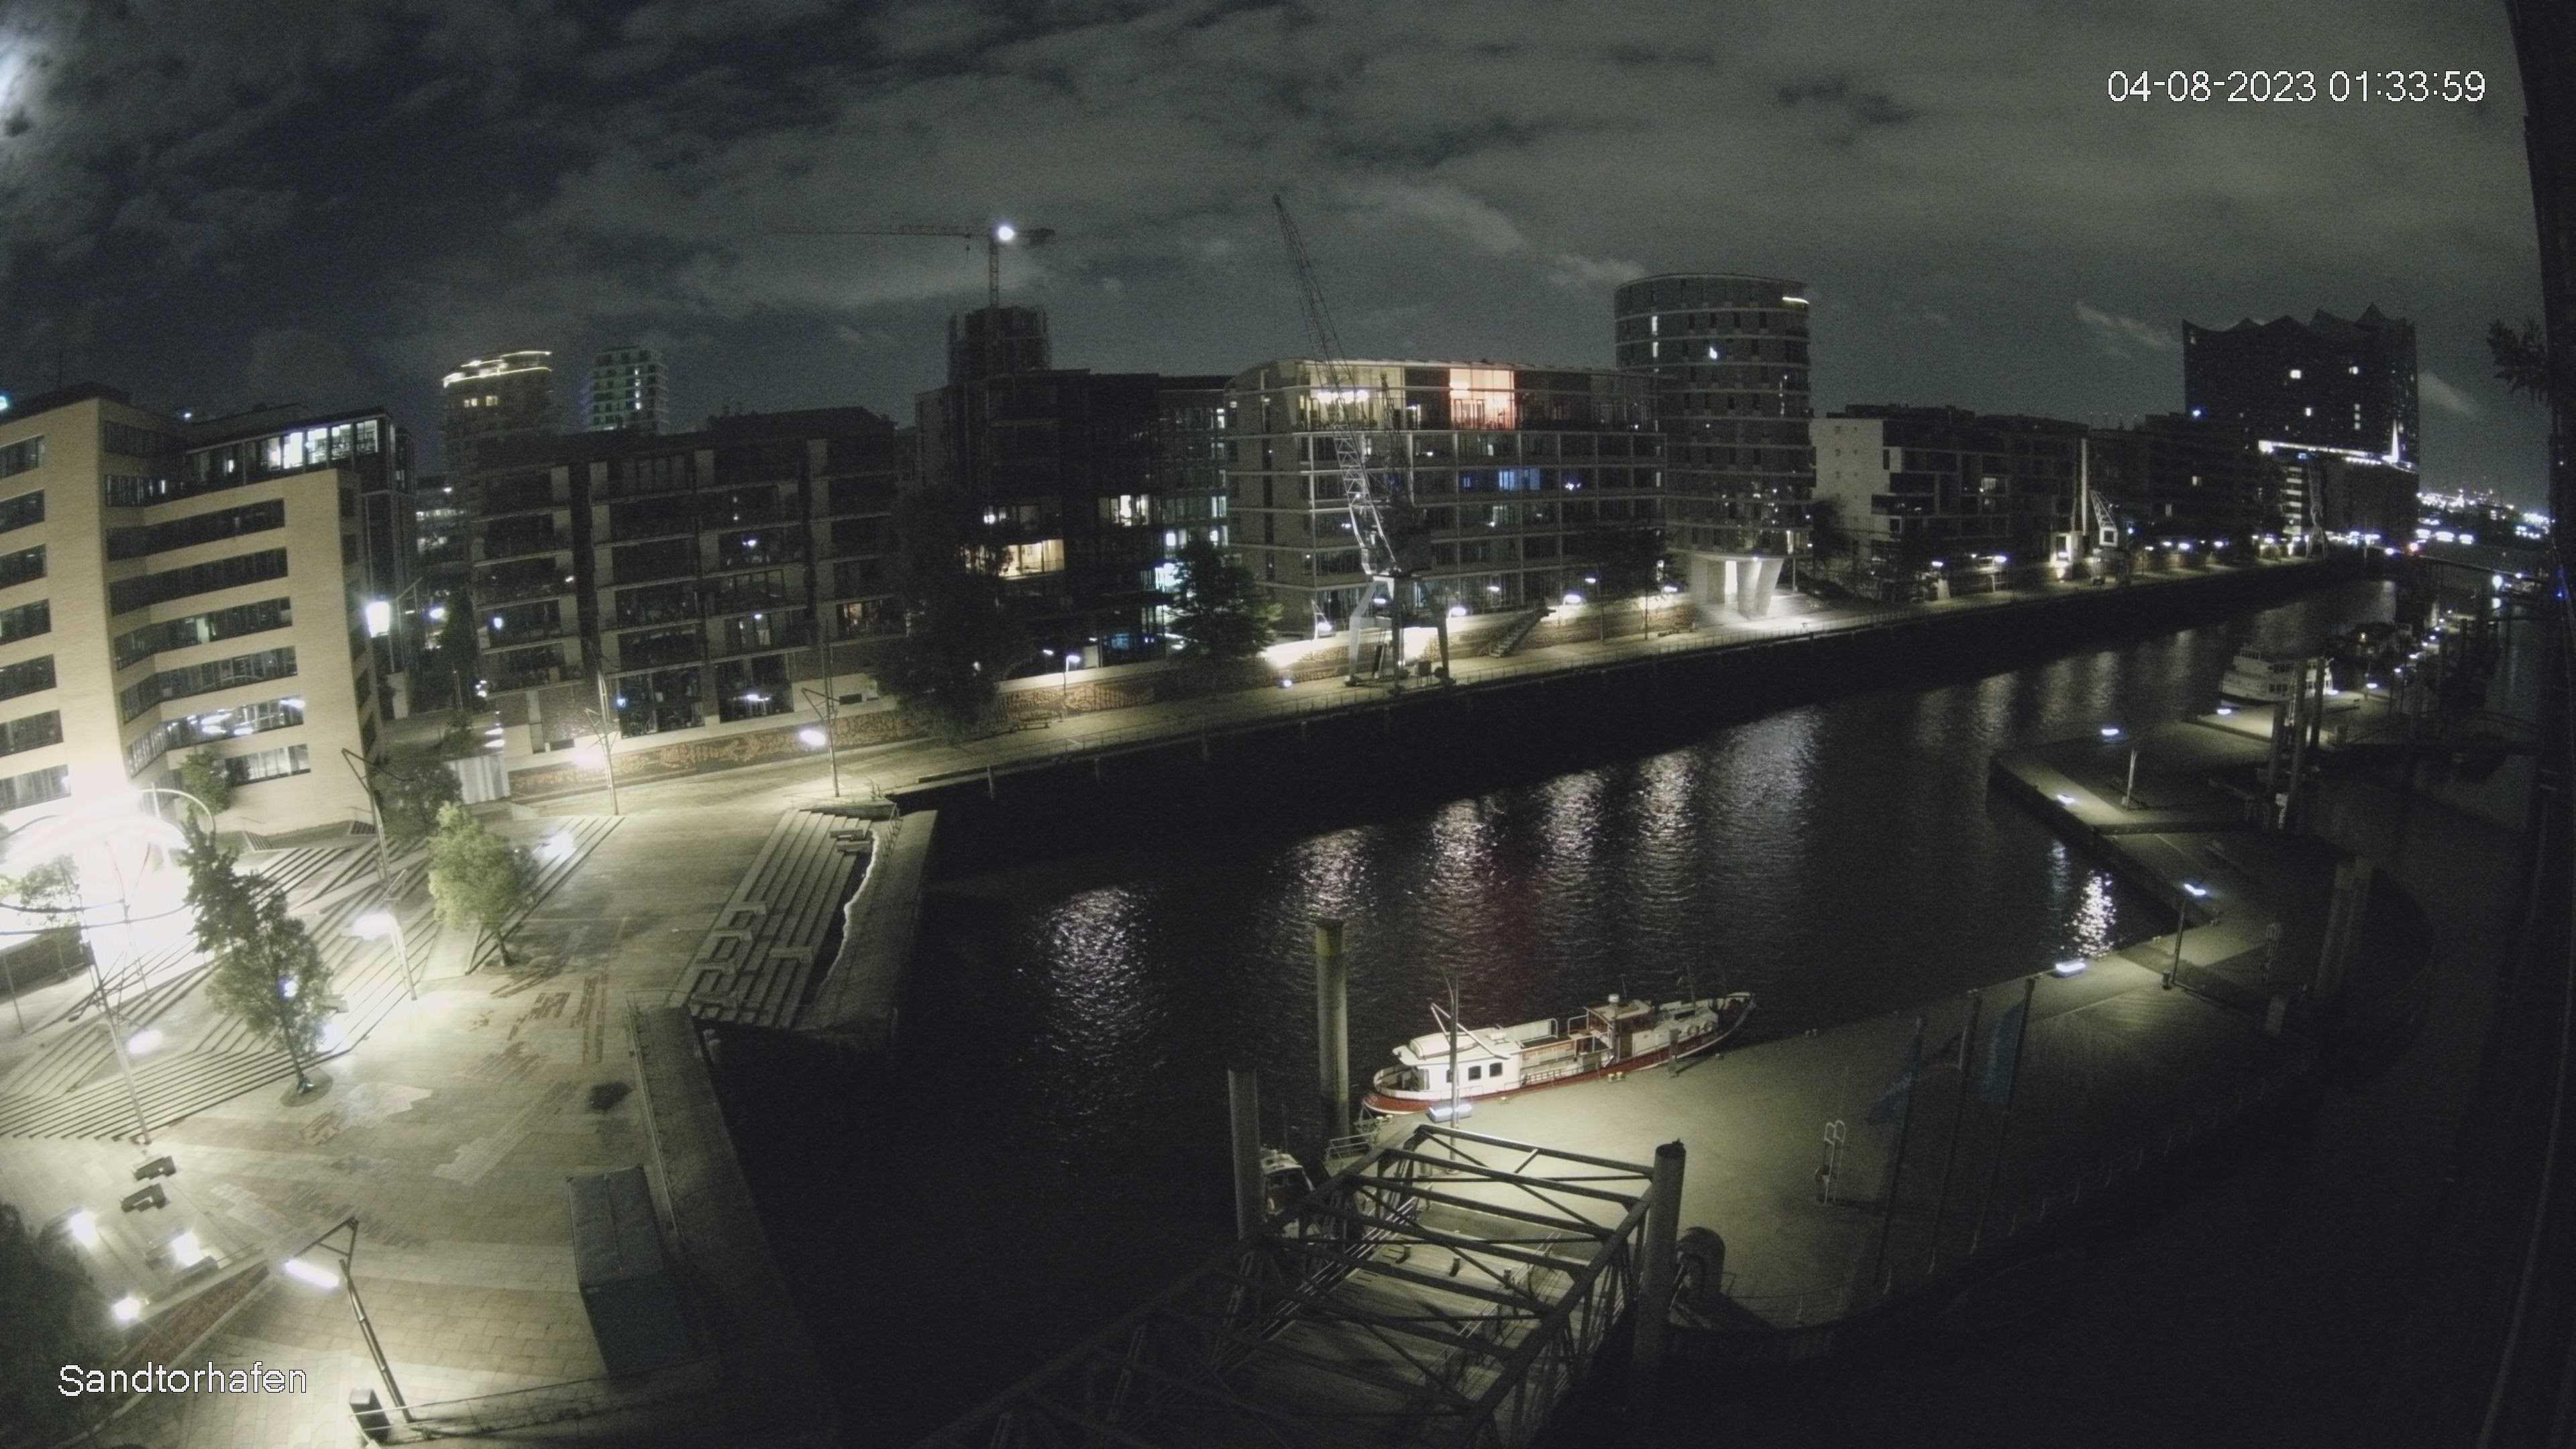 Hamburg Thu. 01:35